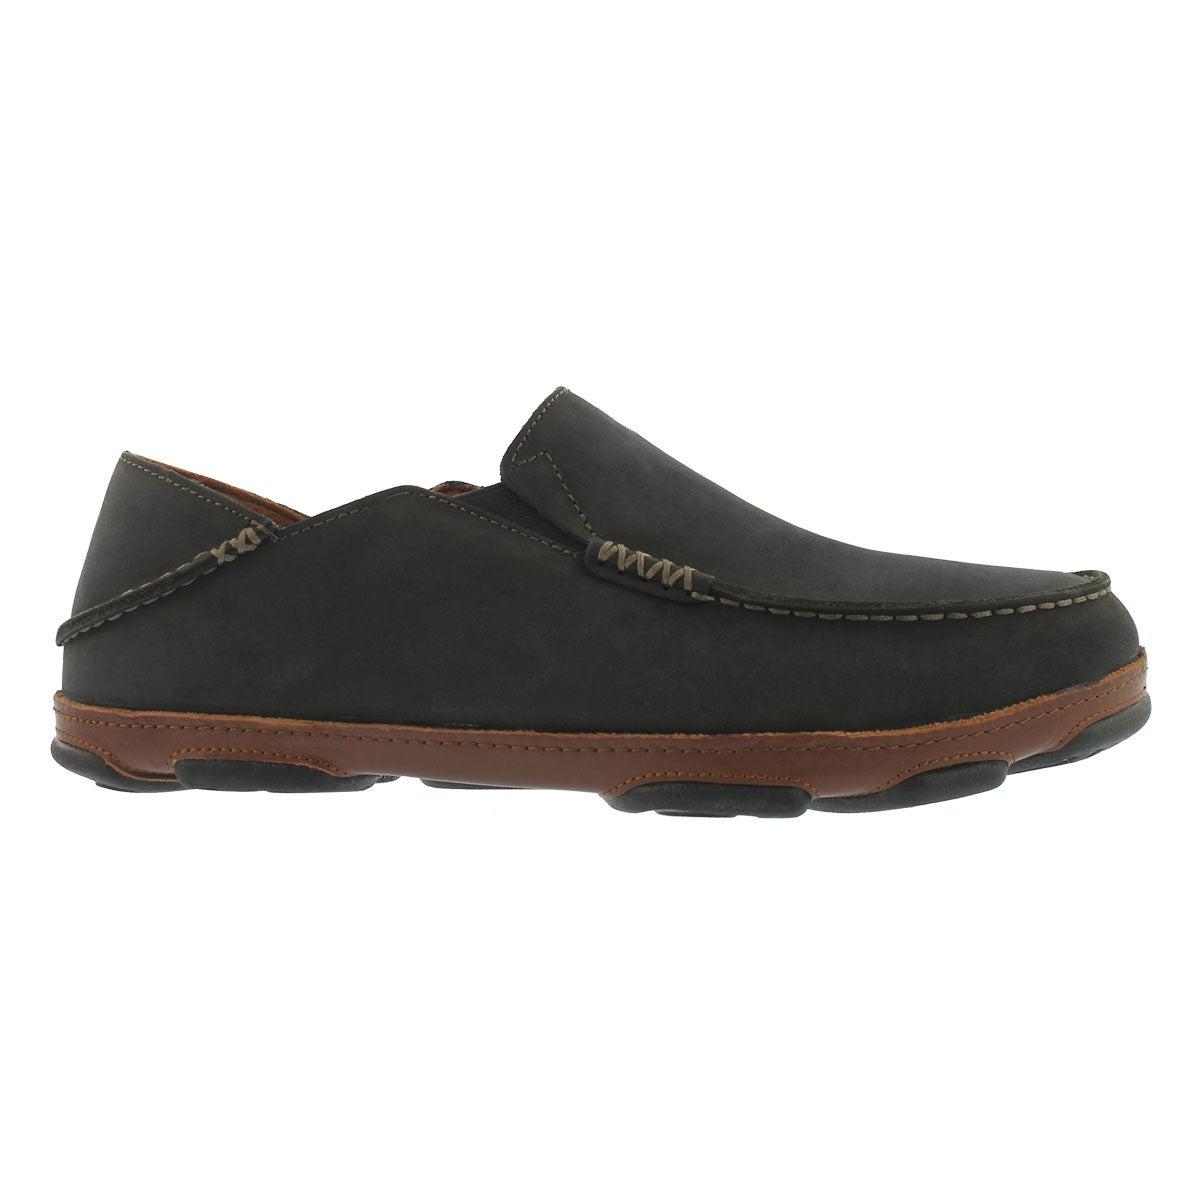 Mns Moloa black slip on casual shoe